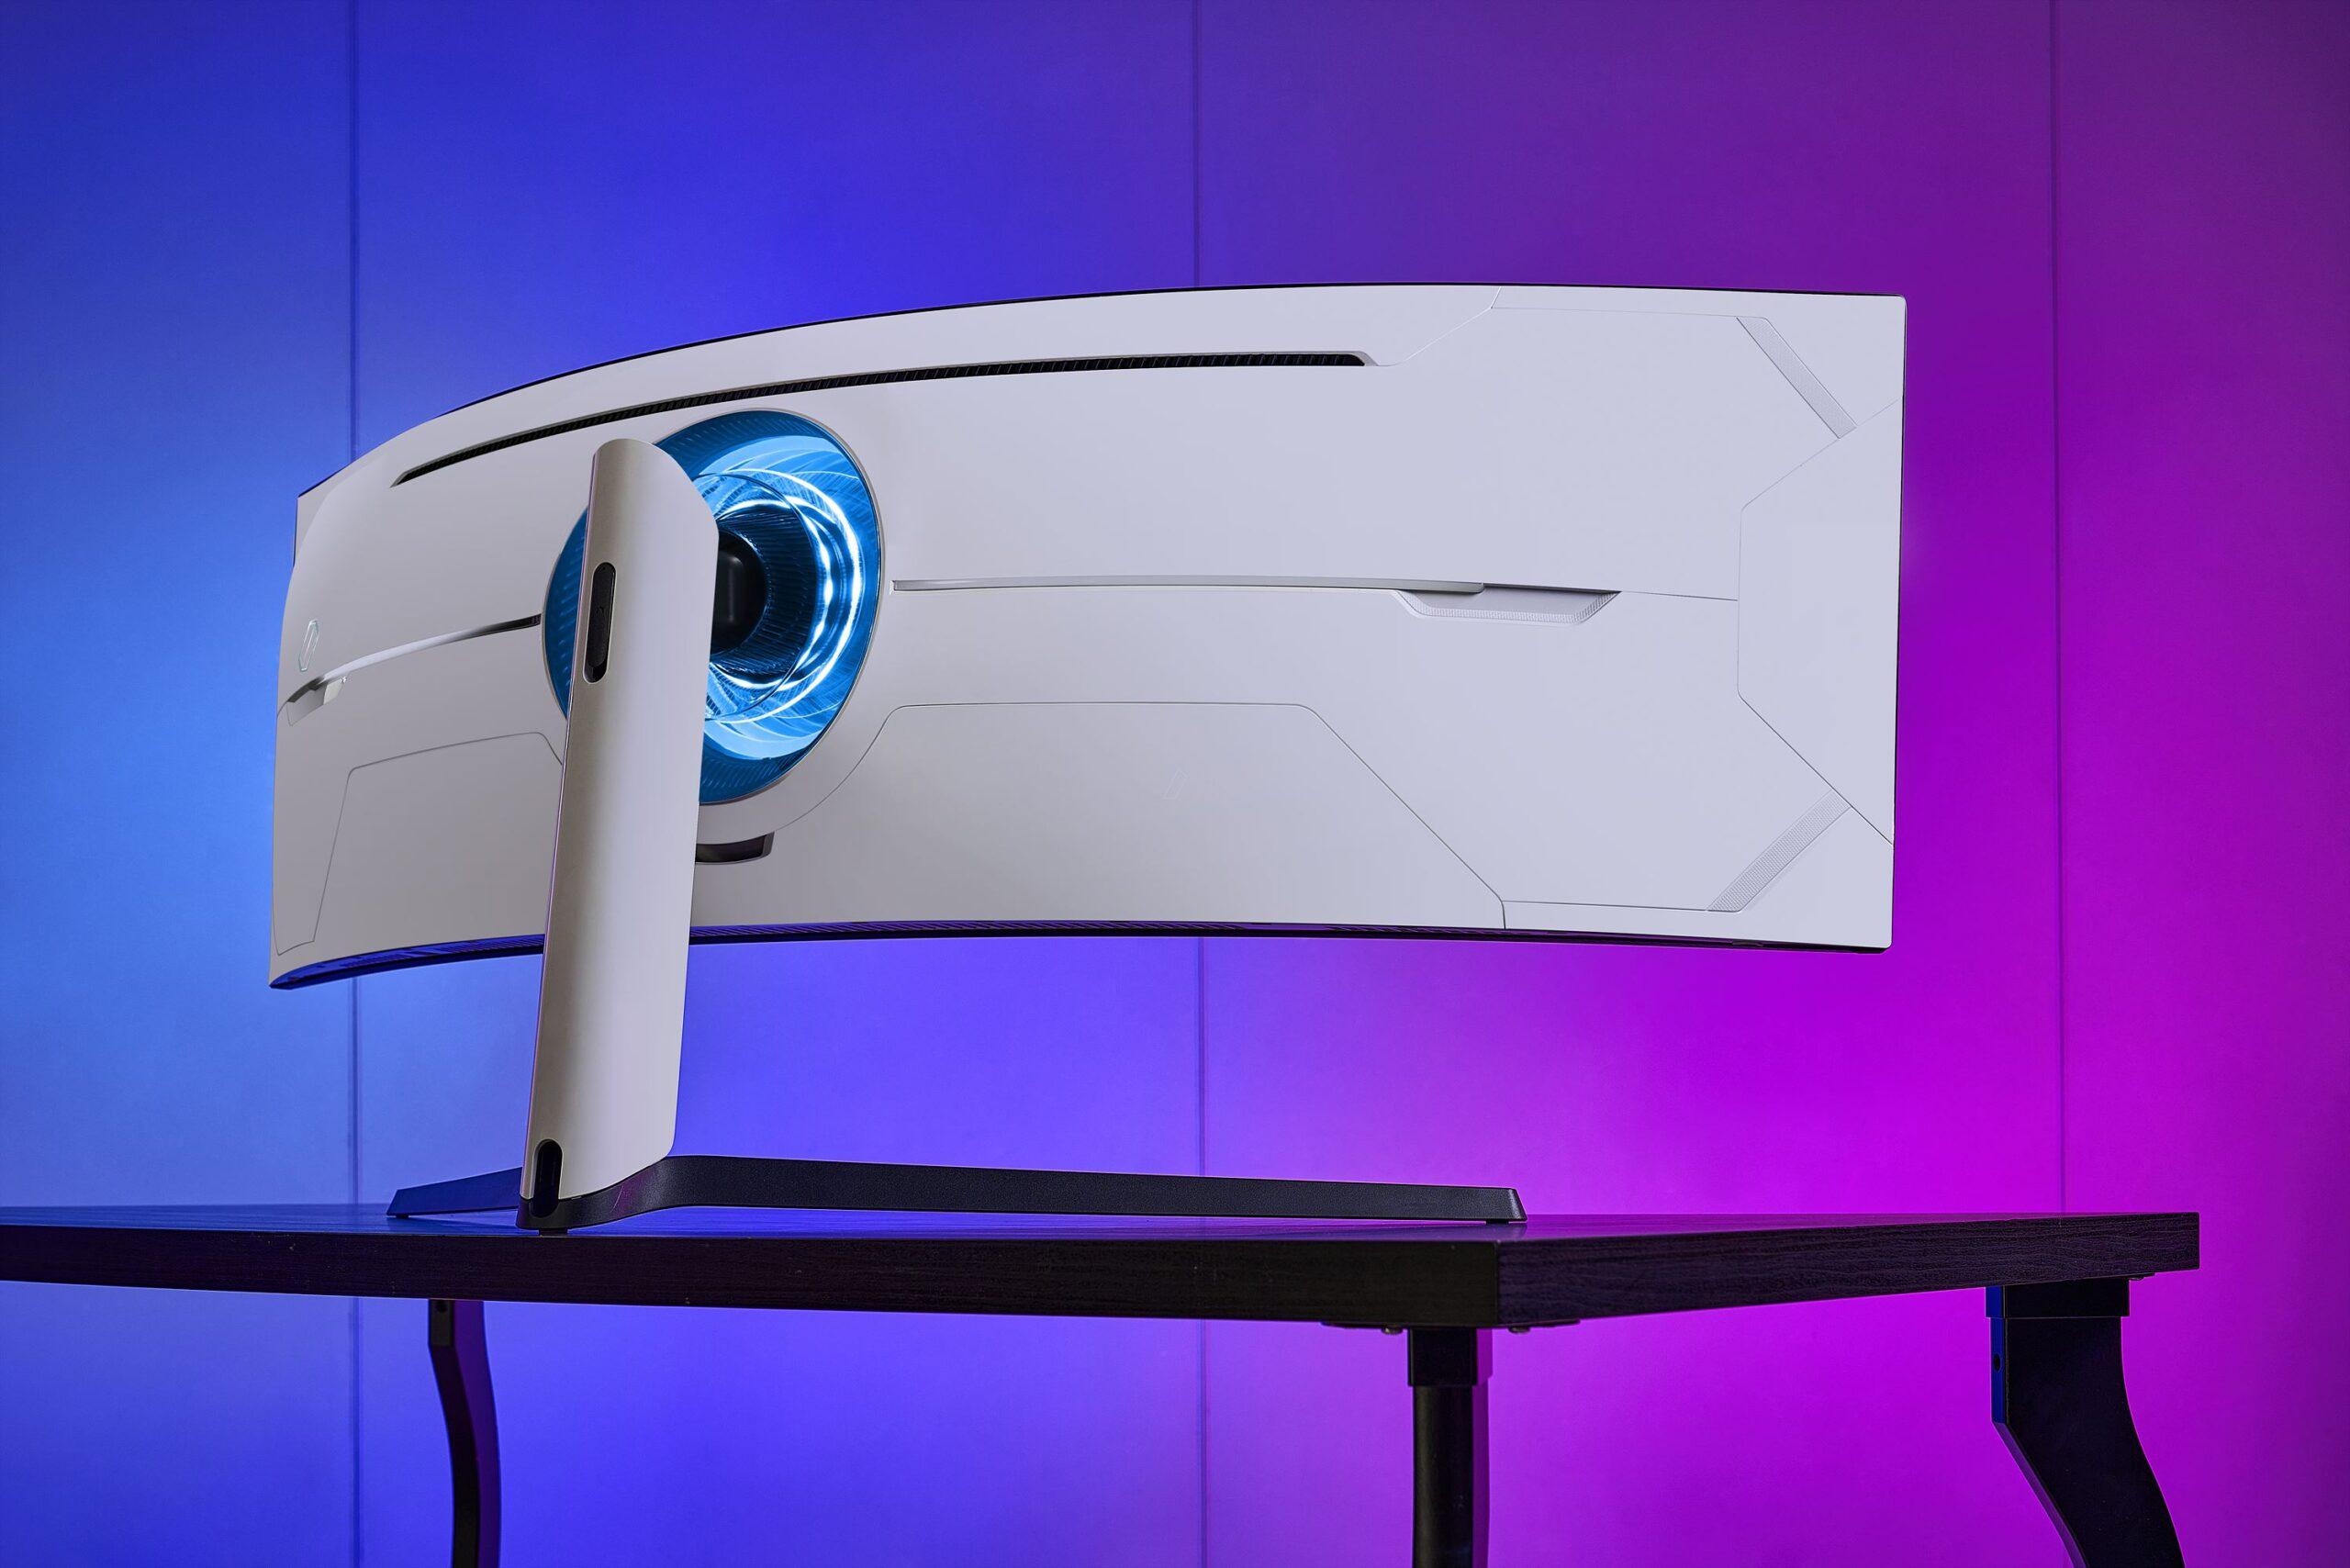 Samsung Odyssey G9: Presentato Il Nuovo Monitor Da Gaming Curvo, Con Prestazioni Elevate 2 - Hynerd.it